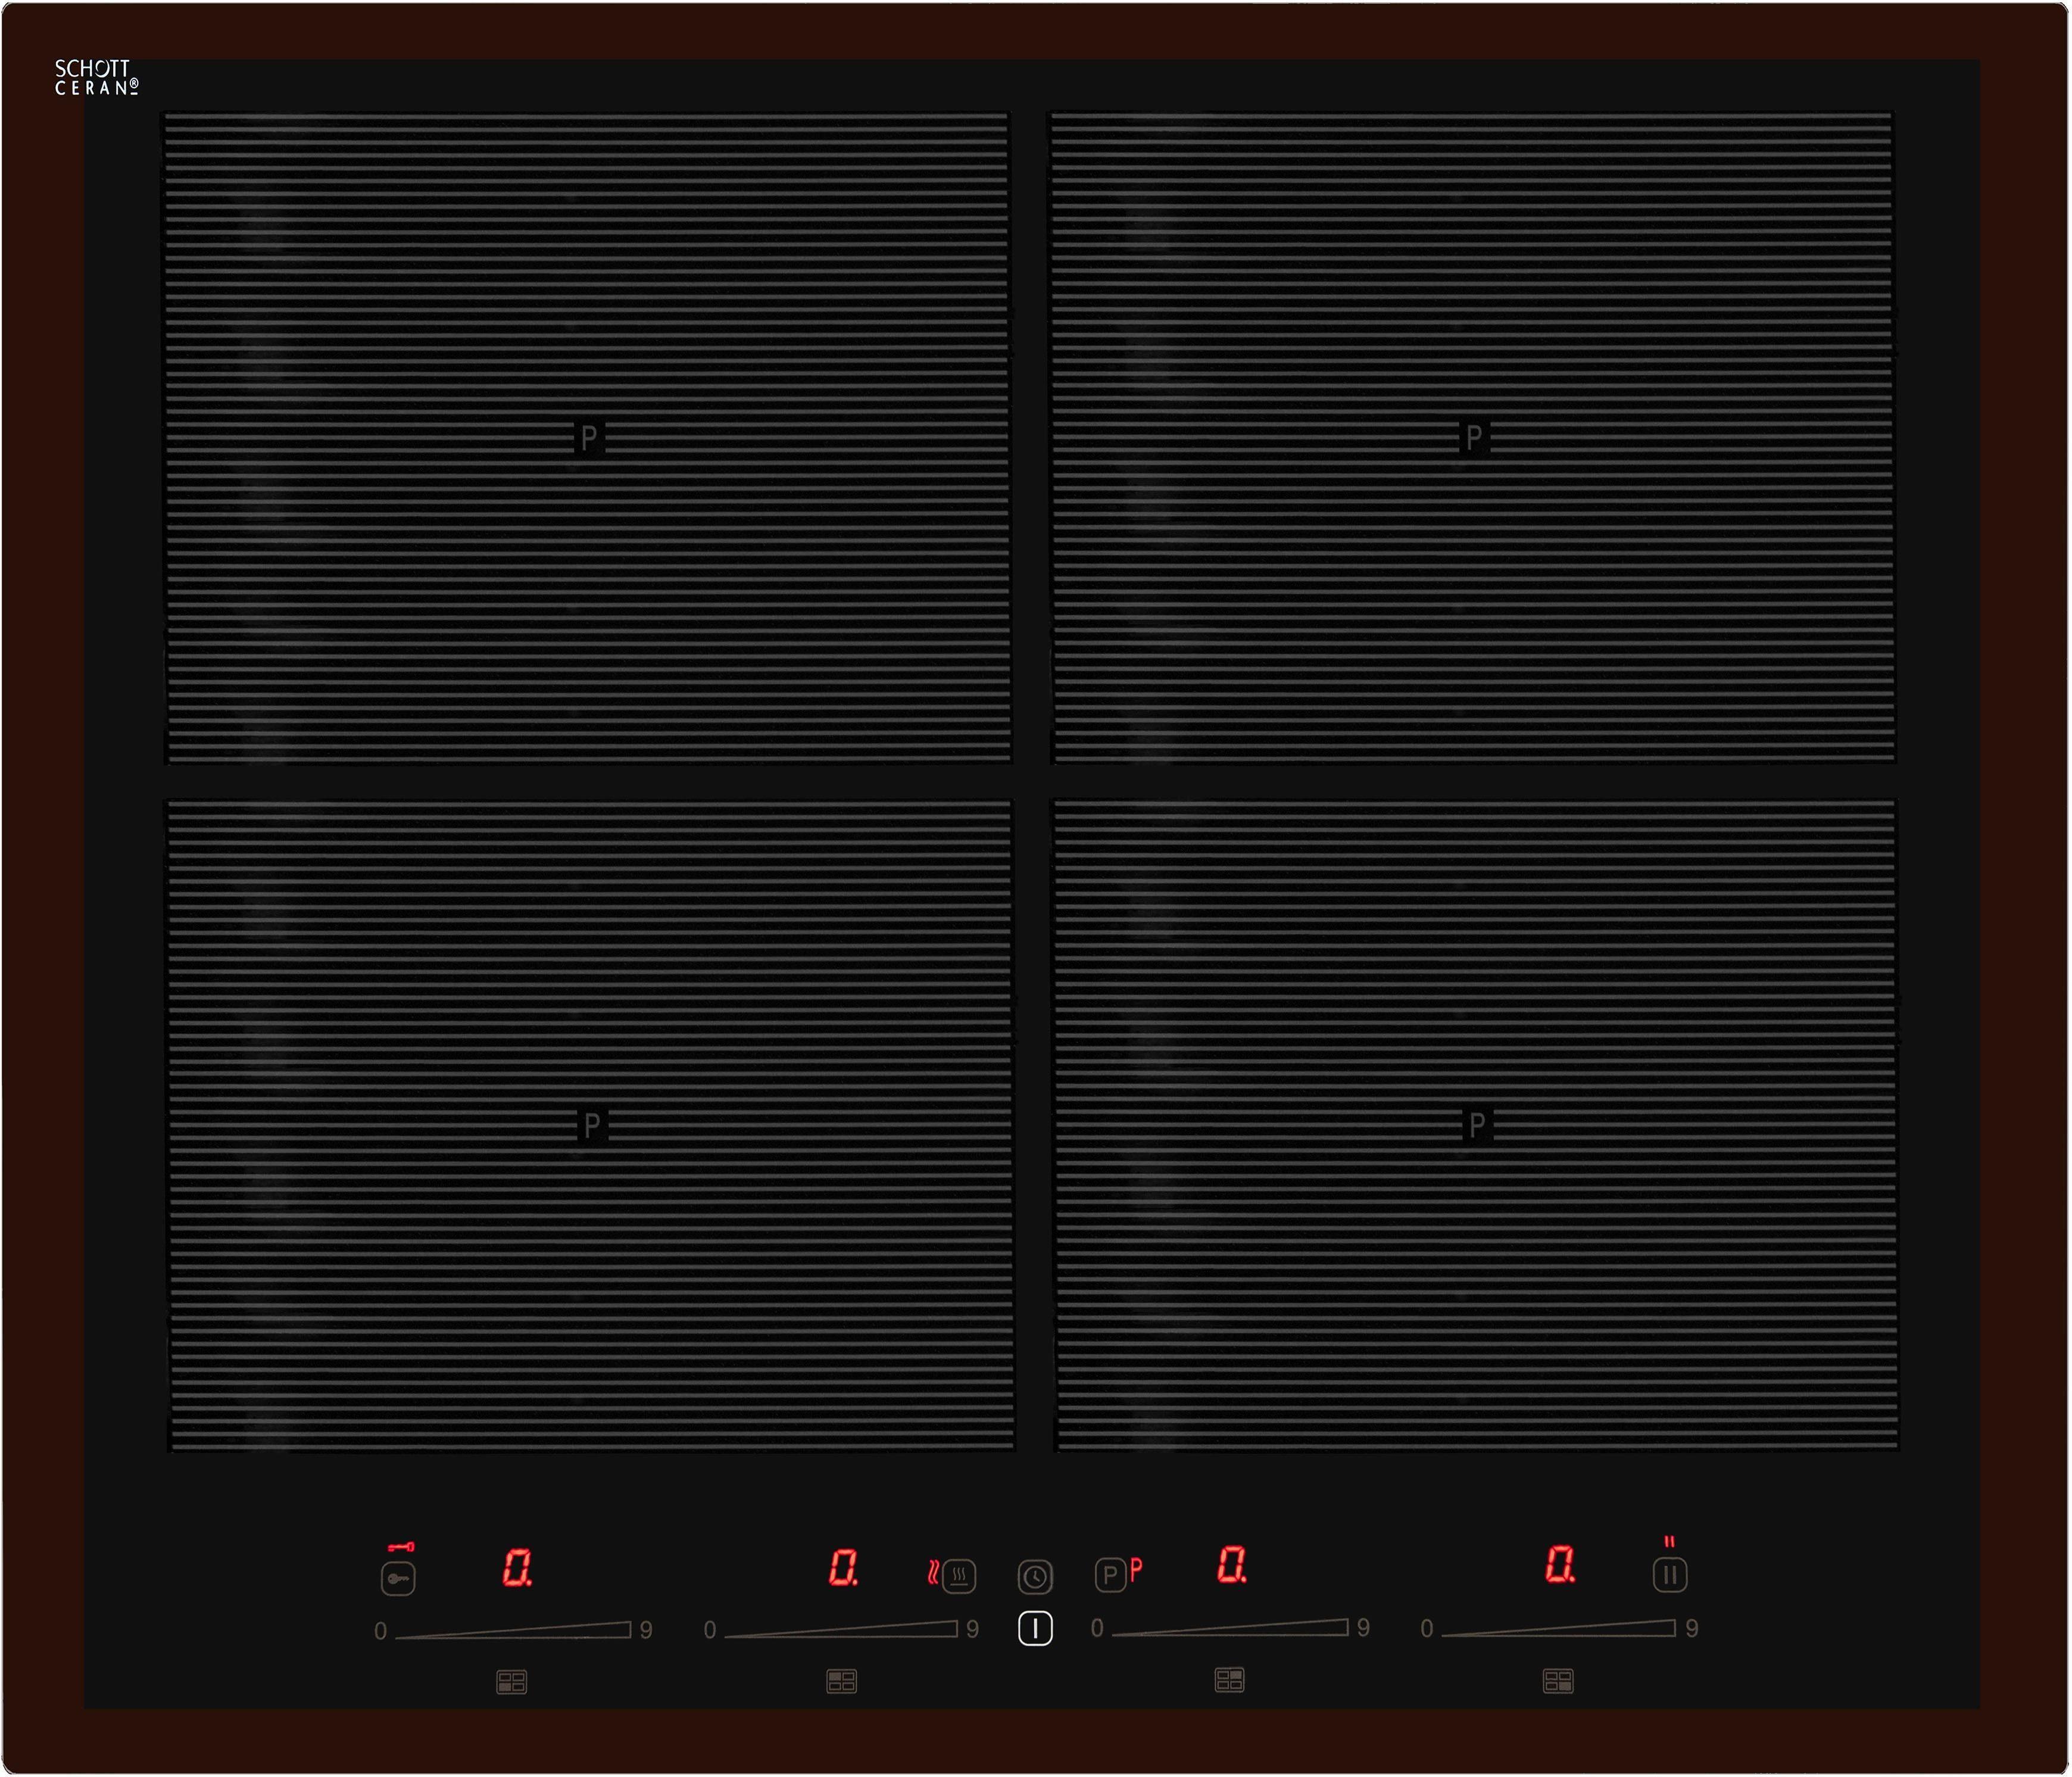 vonReiter Flex-Induktions-Kochfeld EKI 6050/4 Flex